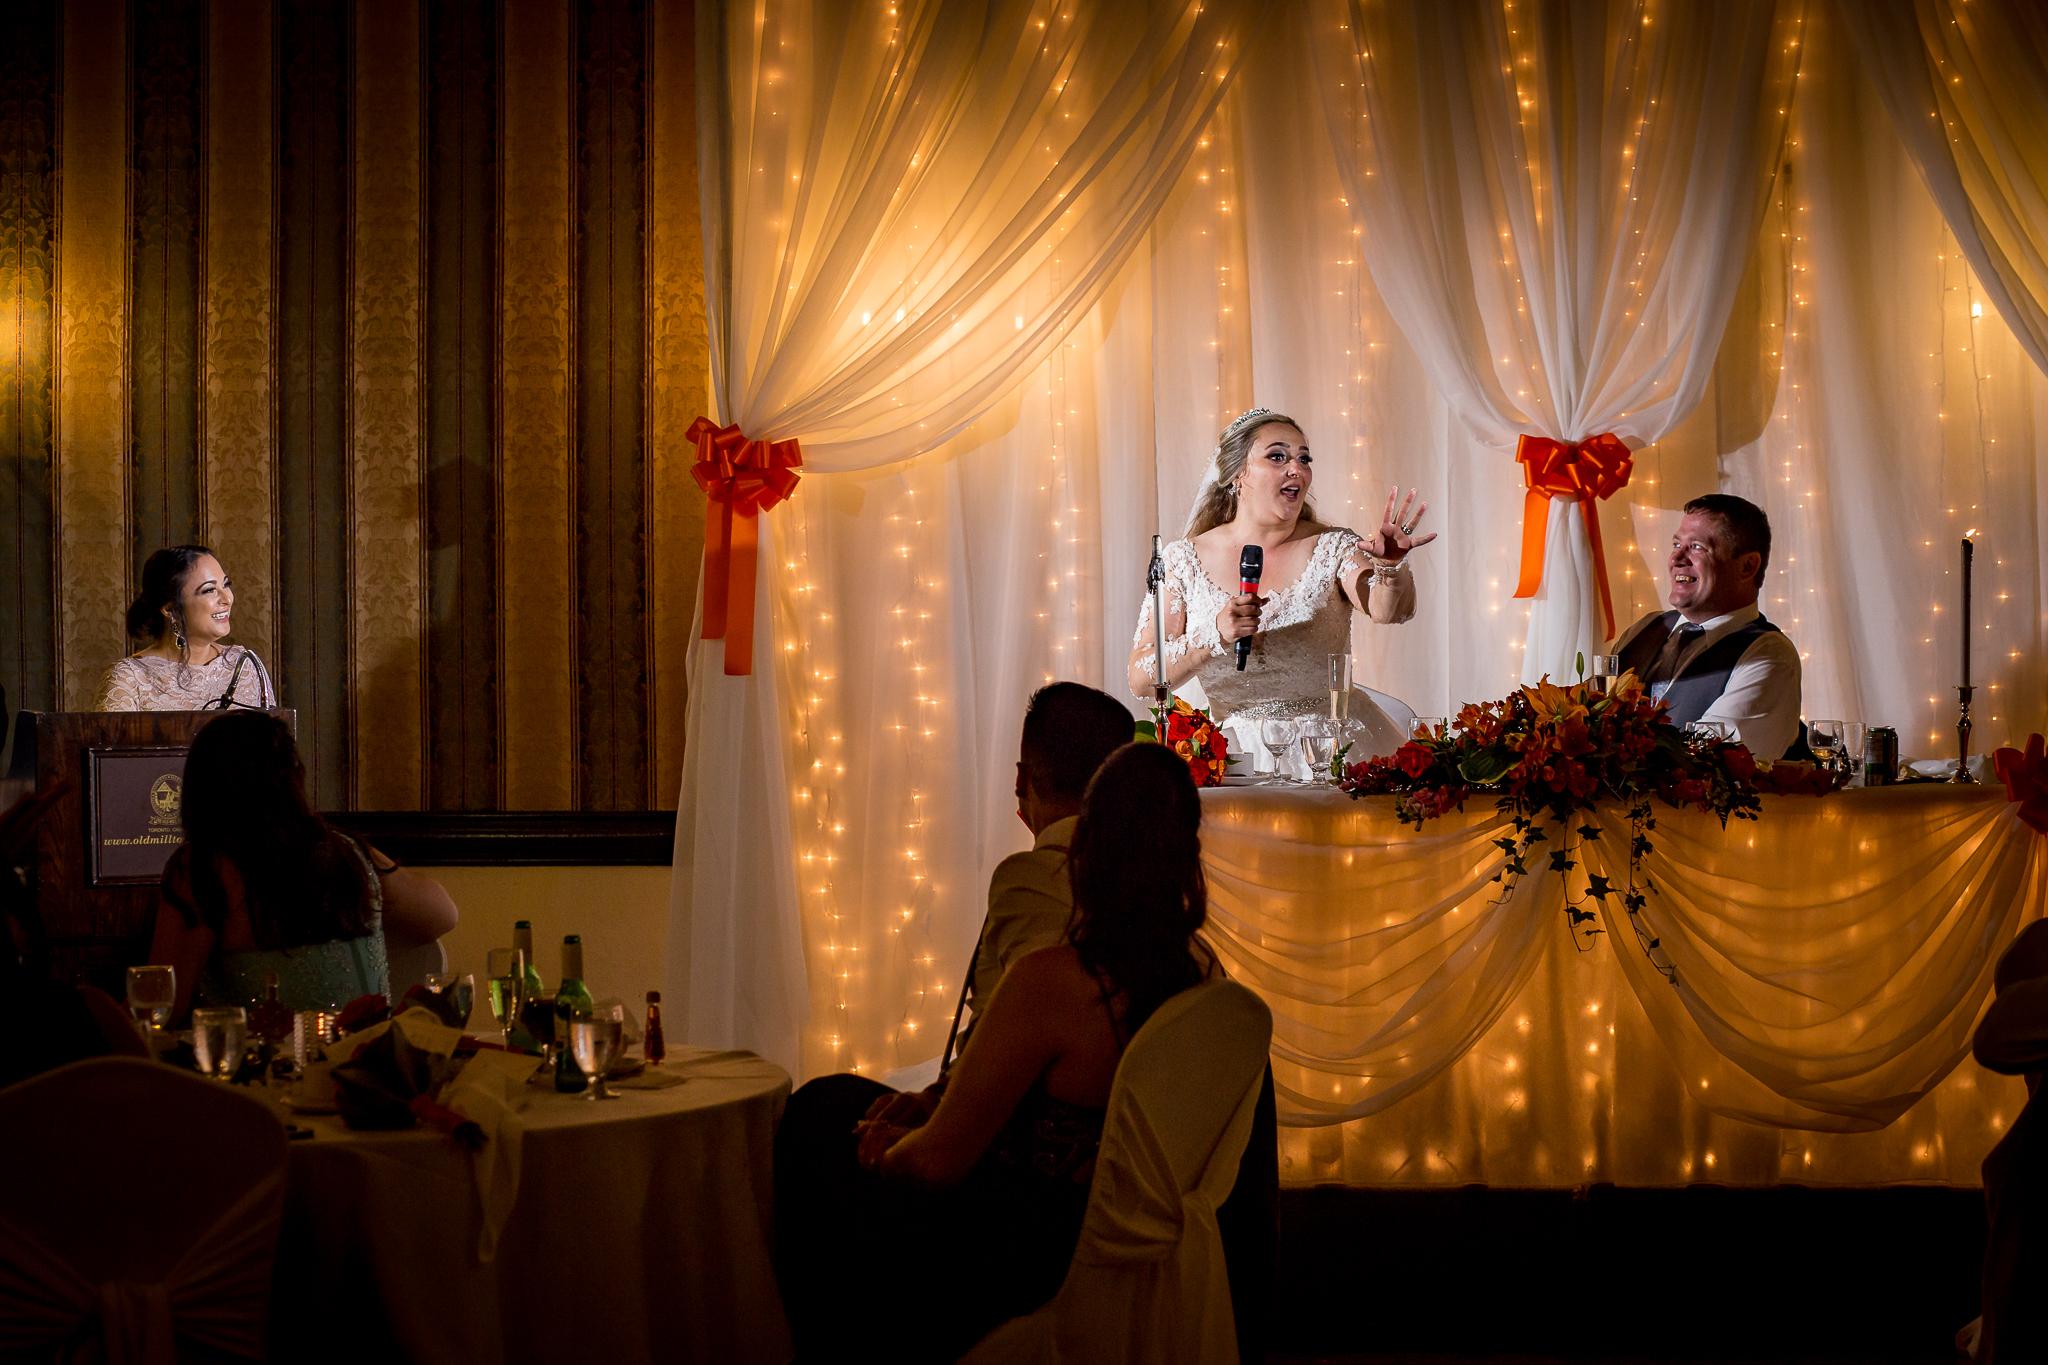 old-mill-wedding-photos-20-2.jpg